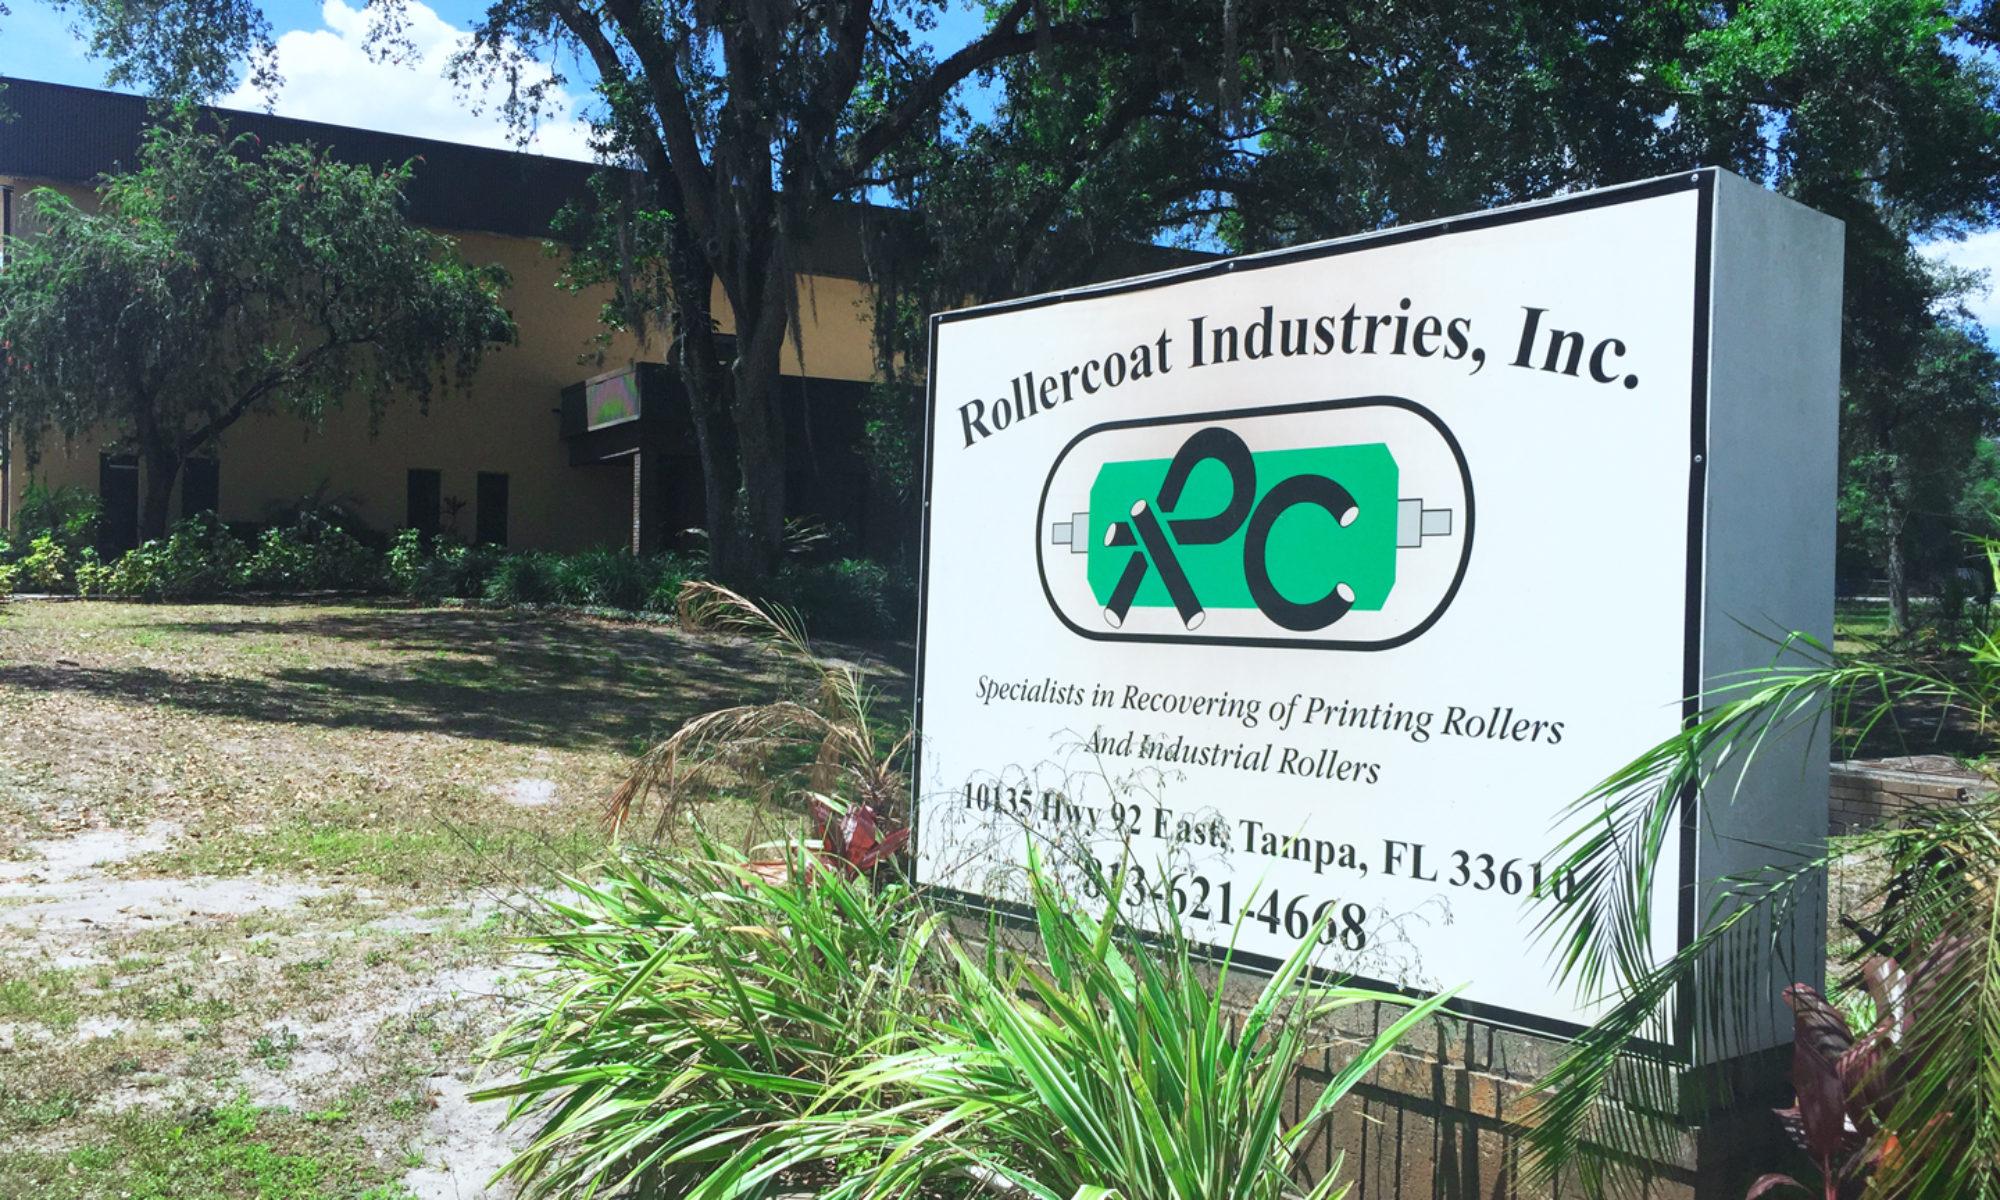 Rollercoat Industries, Inc.